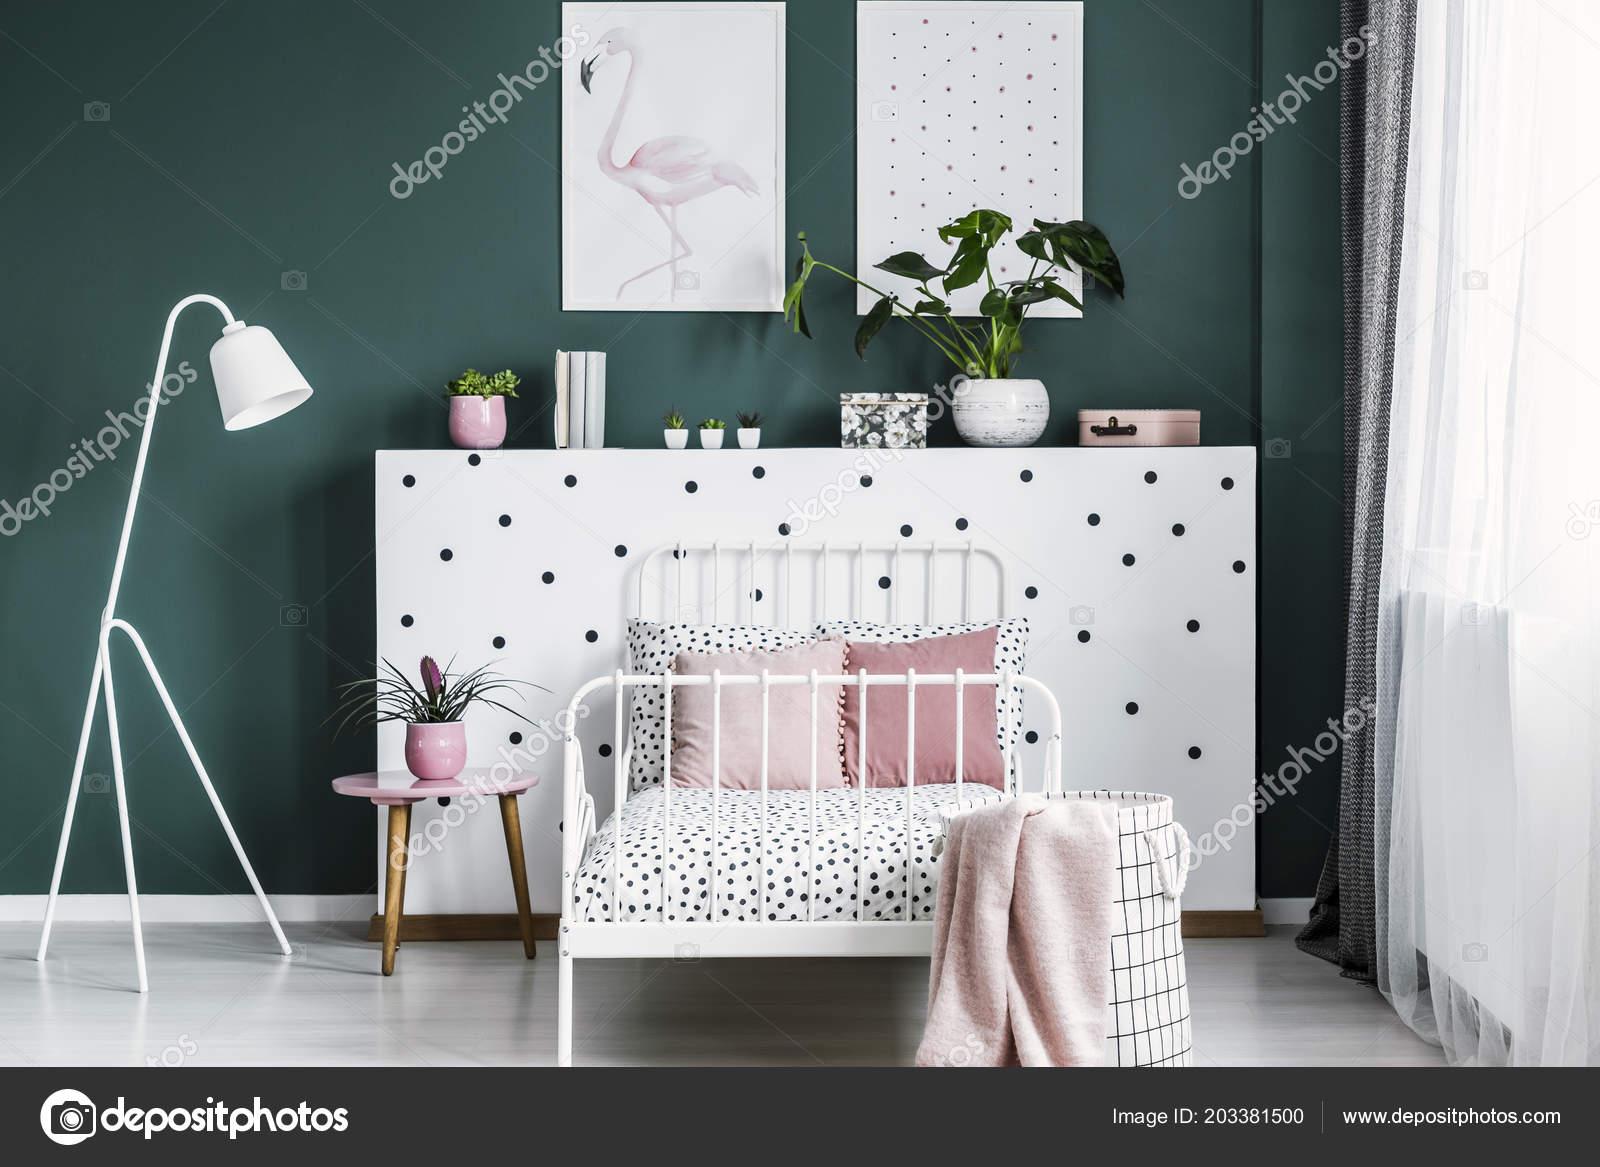 Nachtkastje Kinderkamer Afbeeldingen : Vrouwelijke slaapkamer interieur met een bed nachtkastje lamp